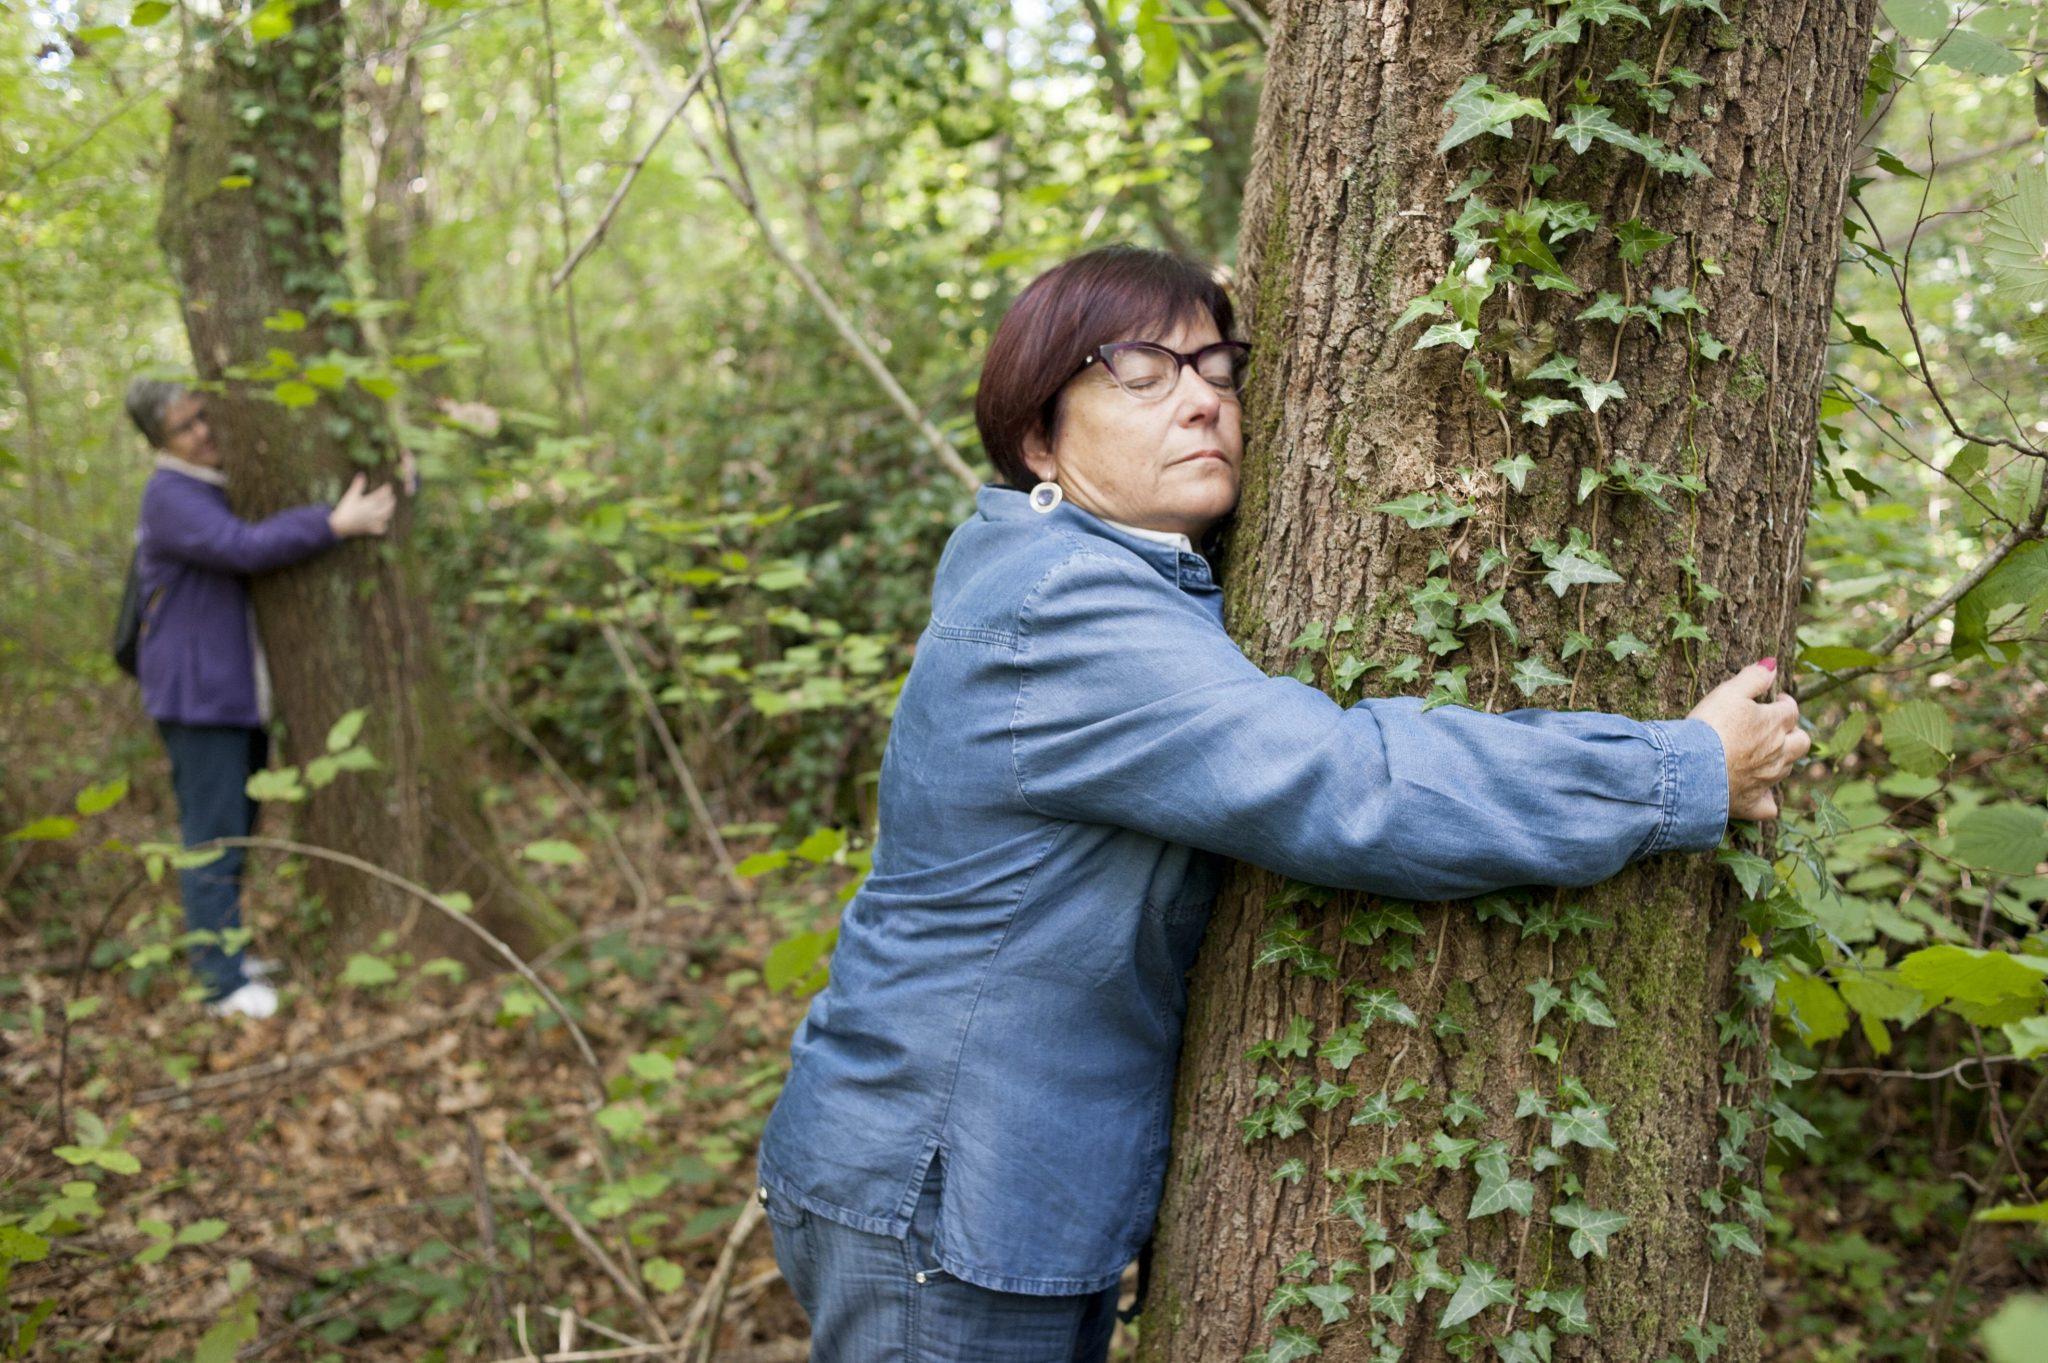 Dos pacientes abrazan a sendos árboles en un bosque cerca de Olot como parte de una terapia contra la fibromialgia y el síndrome de fatiga crónica. EFE/Robin Townsend[